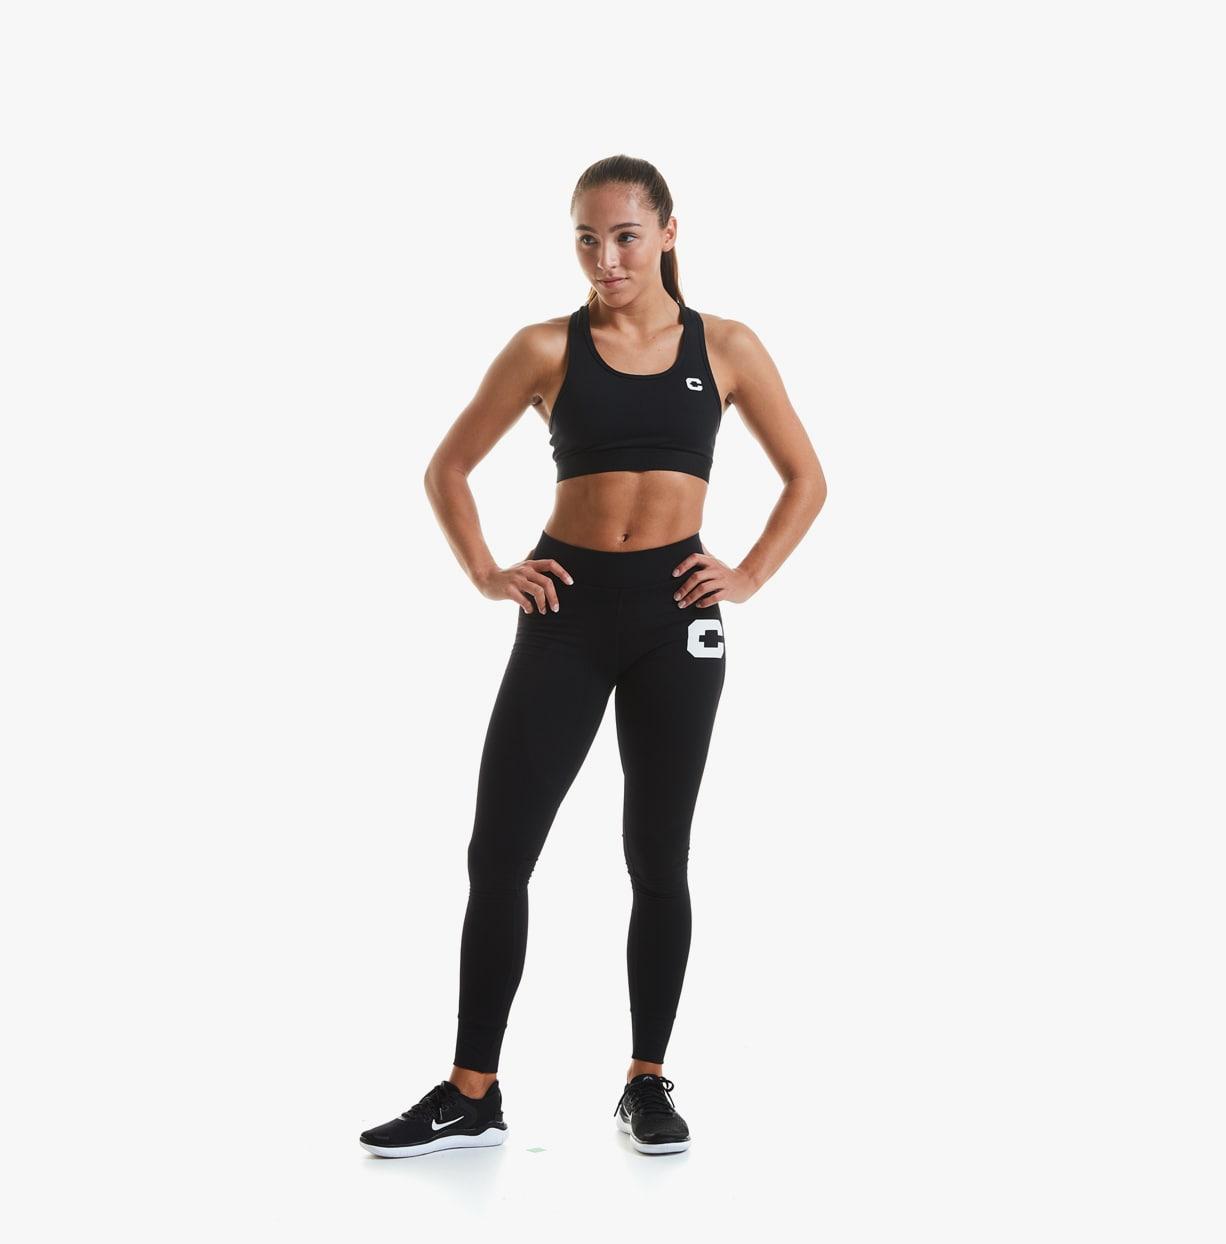 cln-rigid-sports-bra-black-1